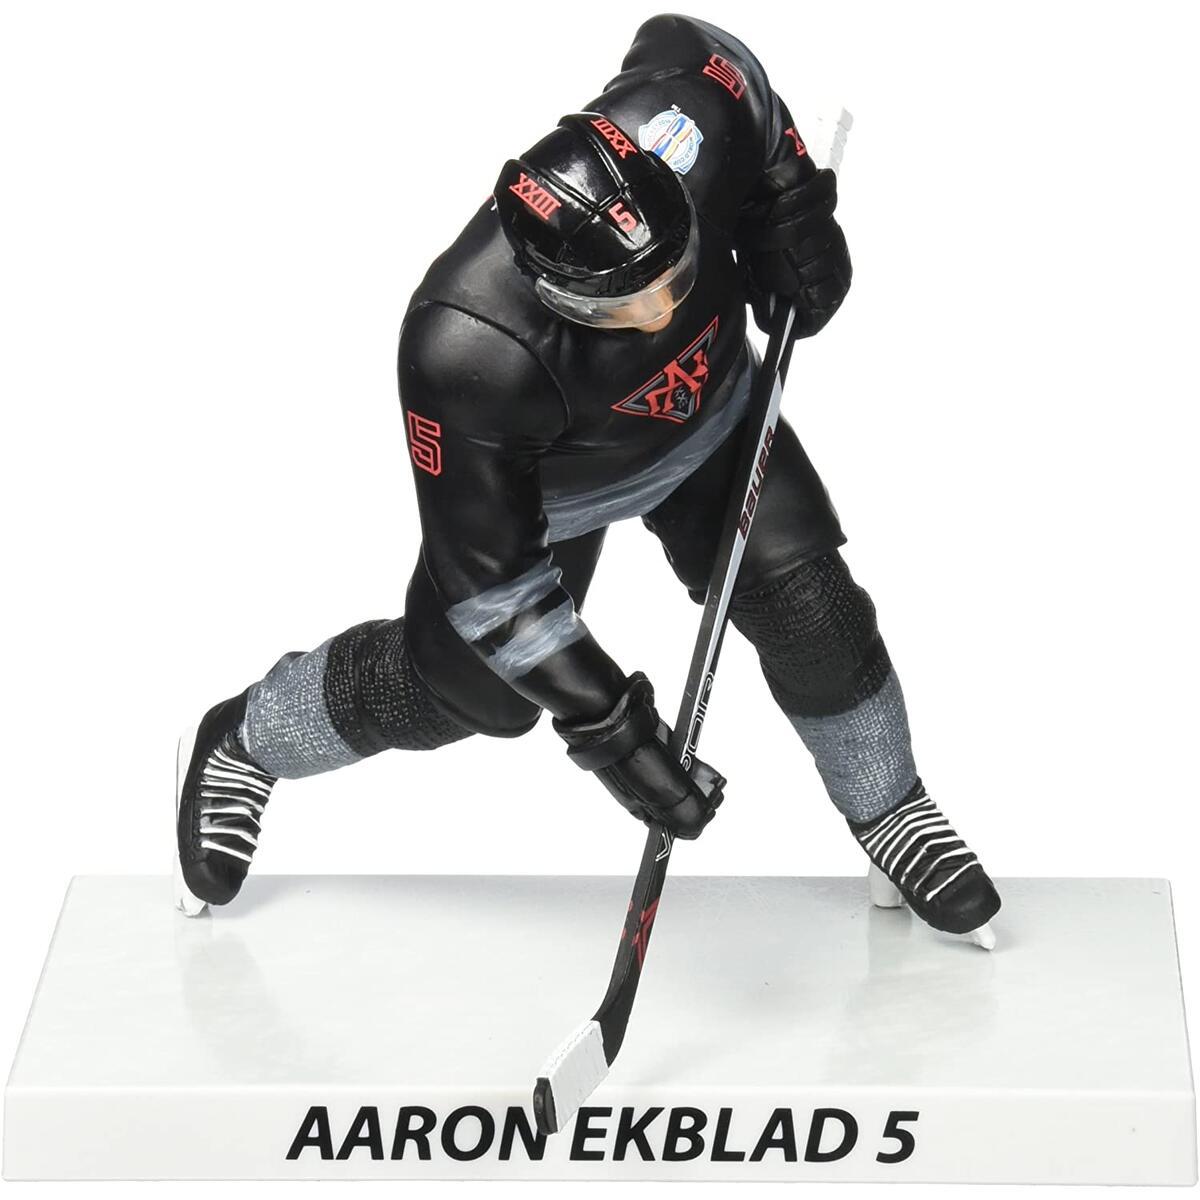 Aaron Ekblad Team North America 2016 World Cup of Hockey 6